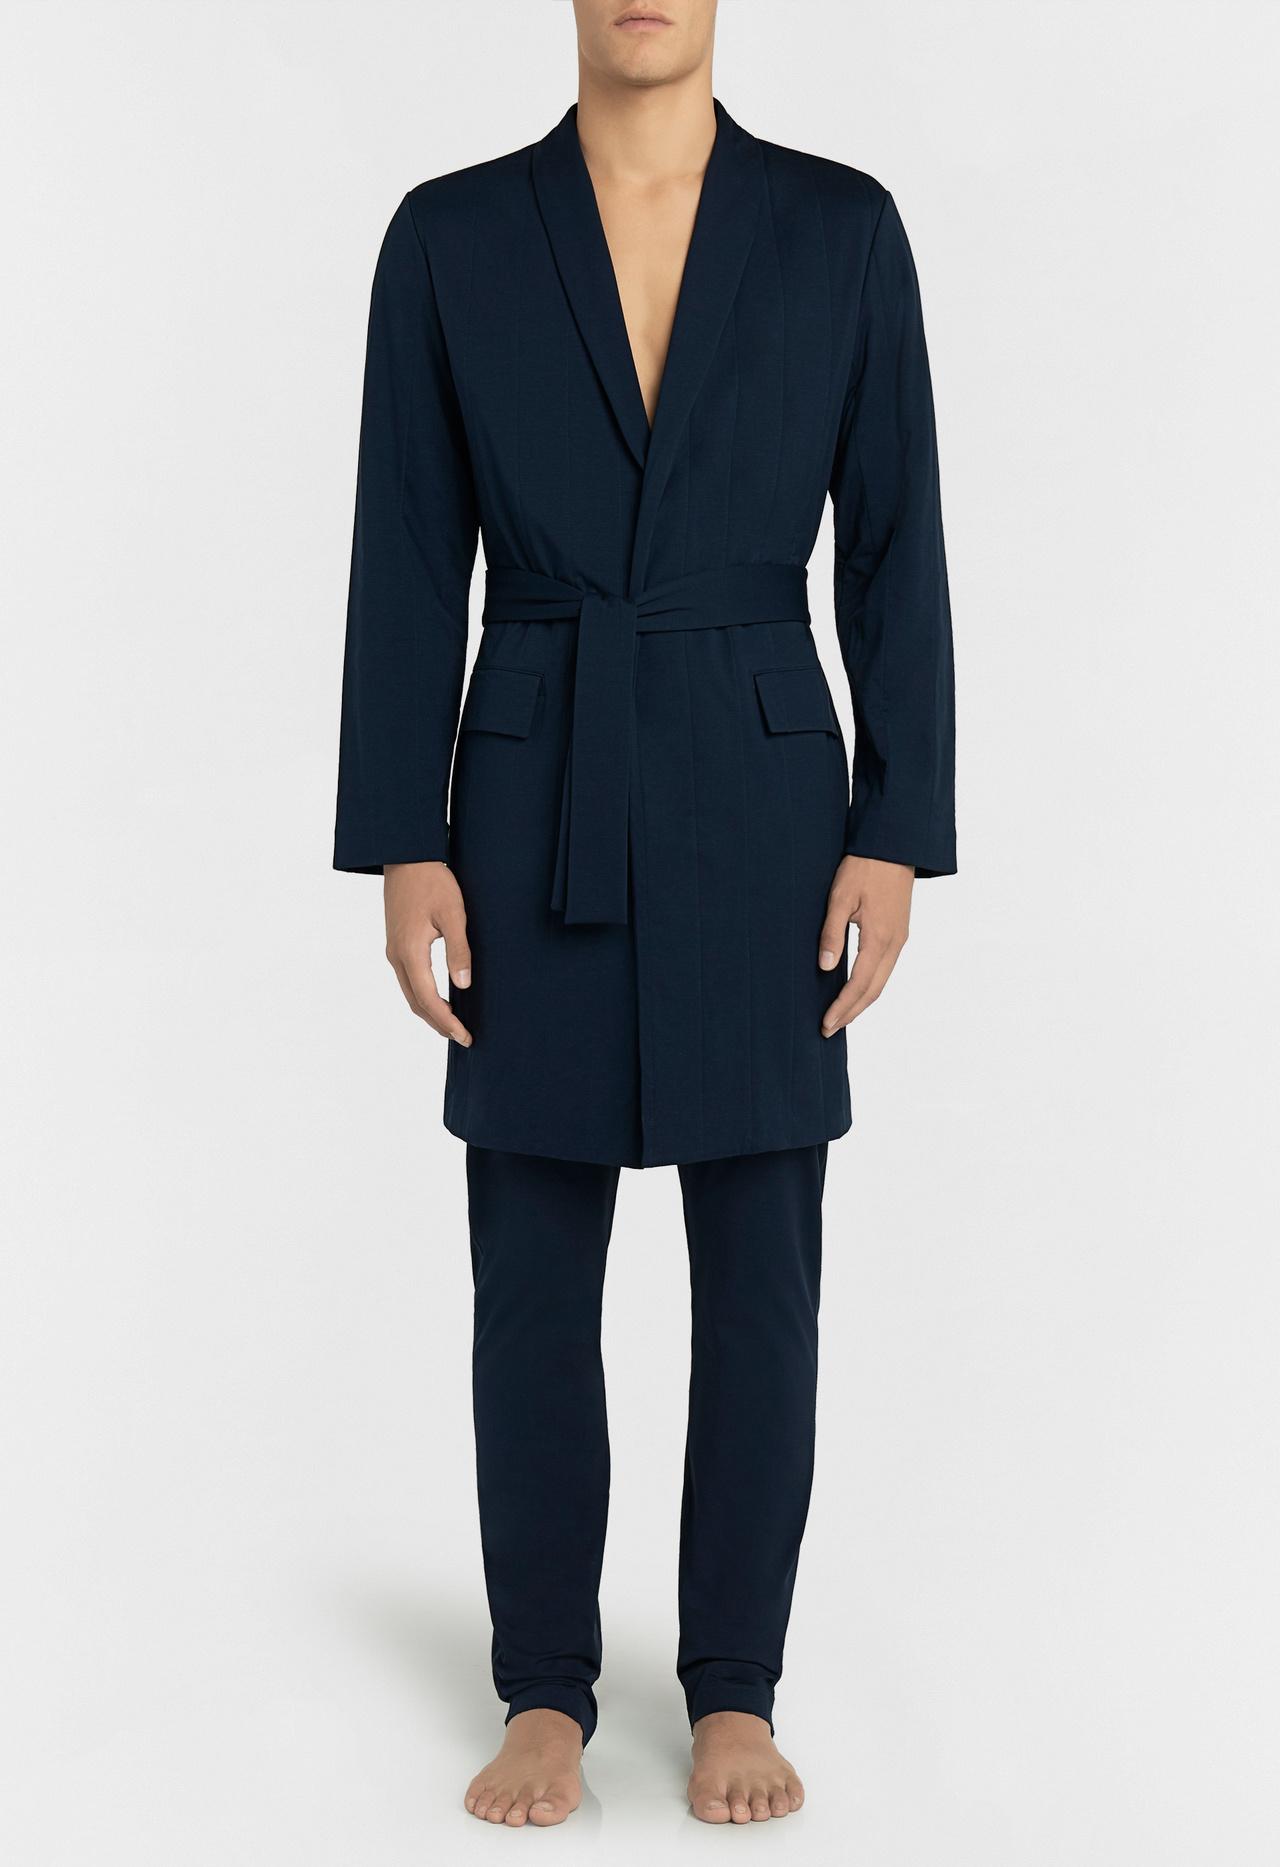 Мужская одежда для дома, стильные пижамы итальянского бренда La Perla